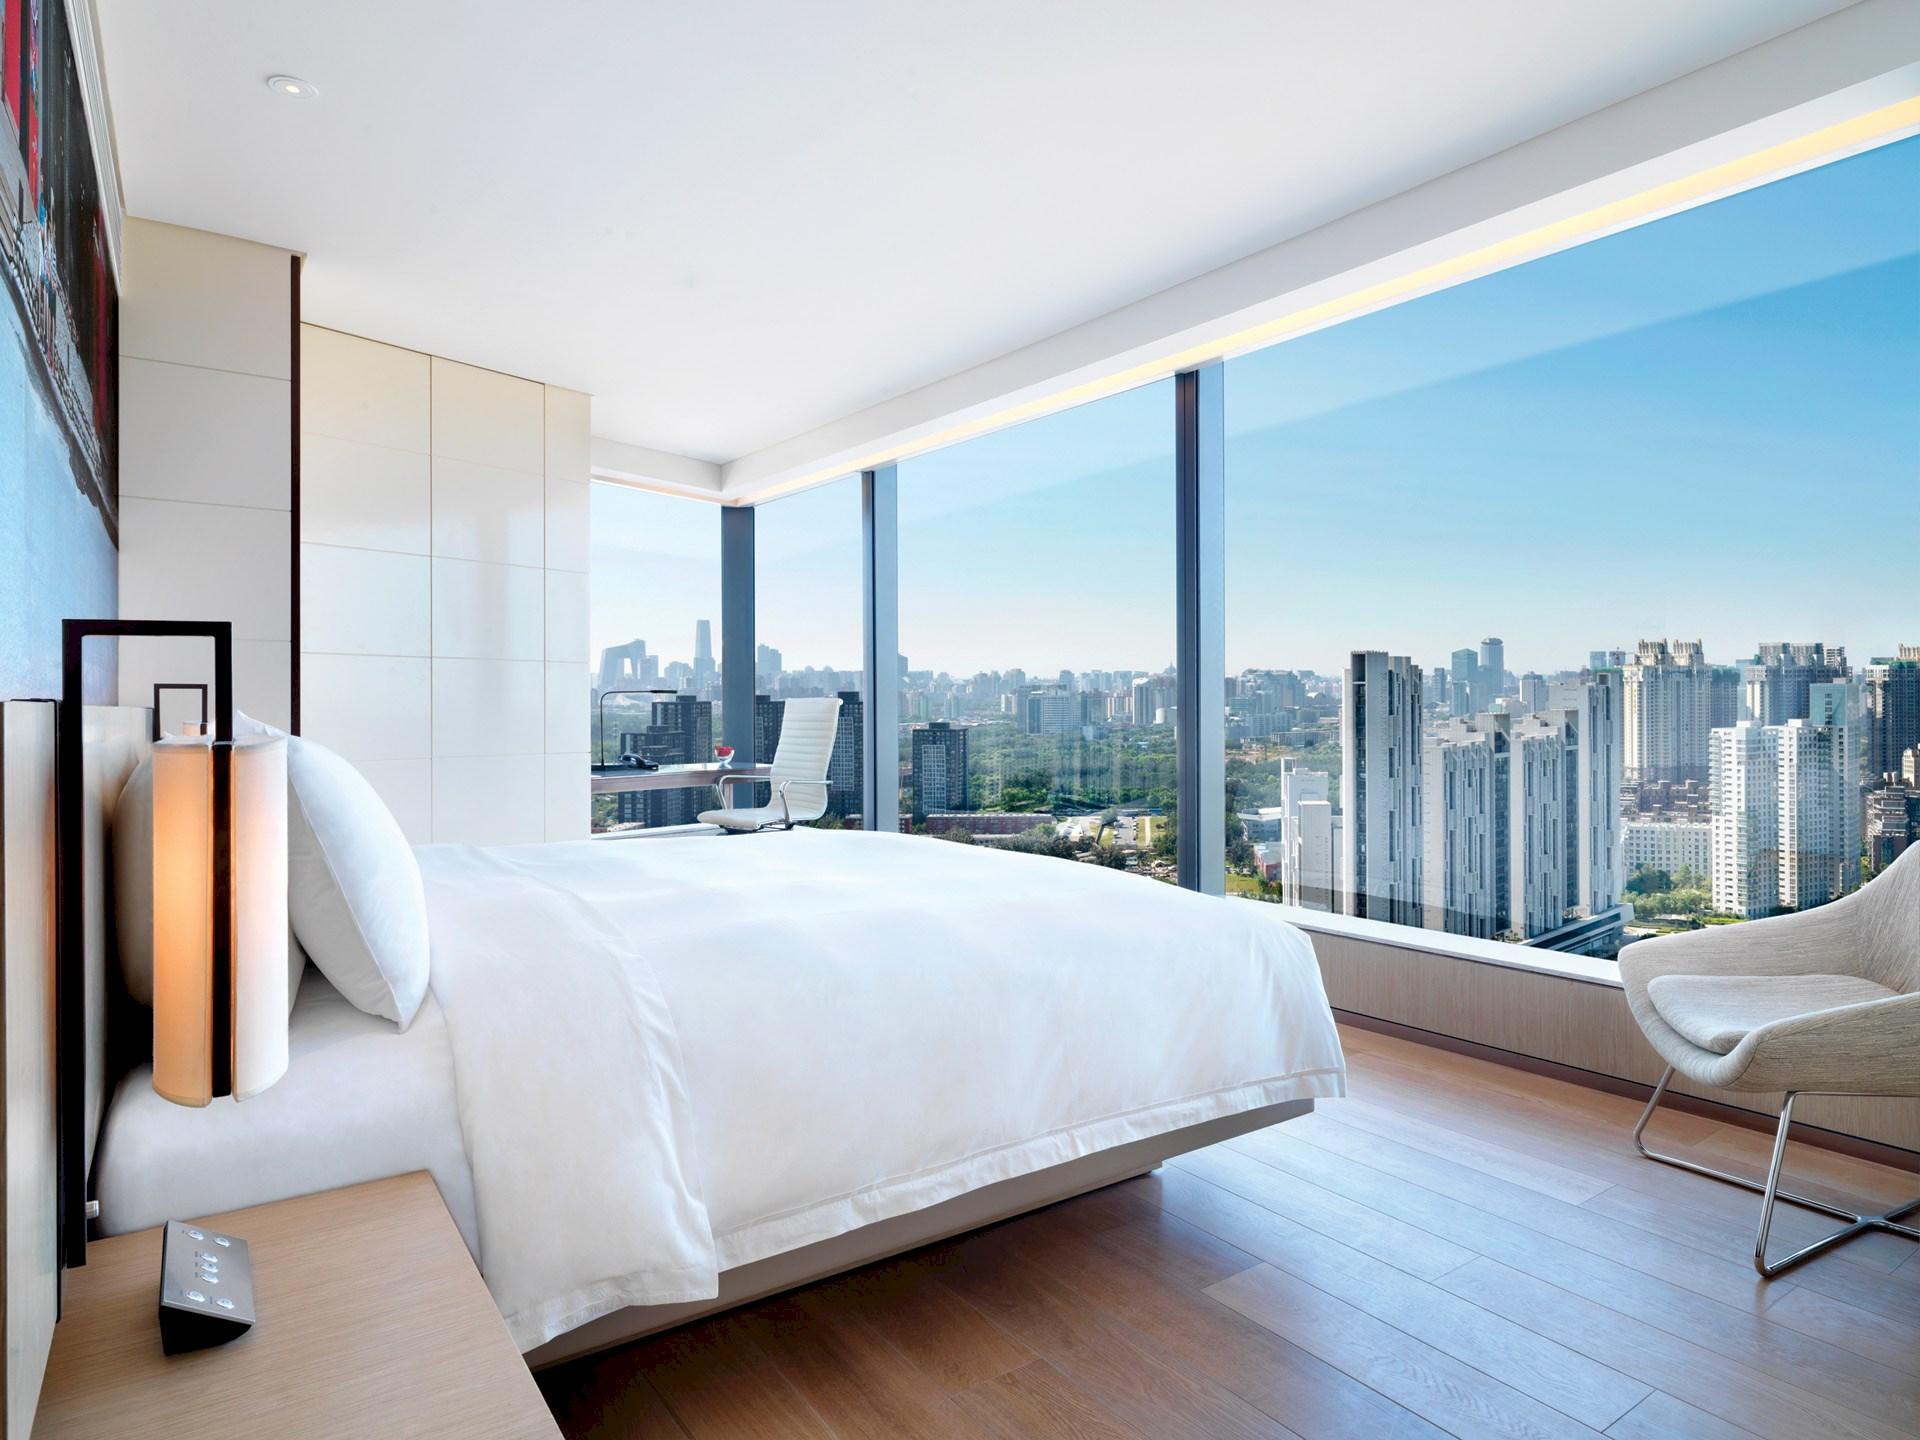 Benoy's New Concept Business Hotel Opens in Beijing